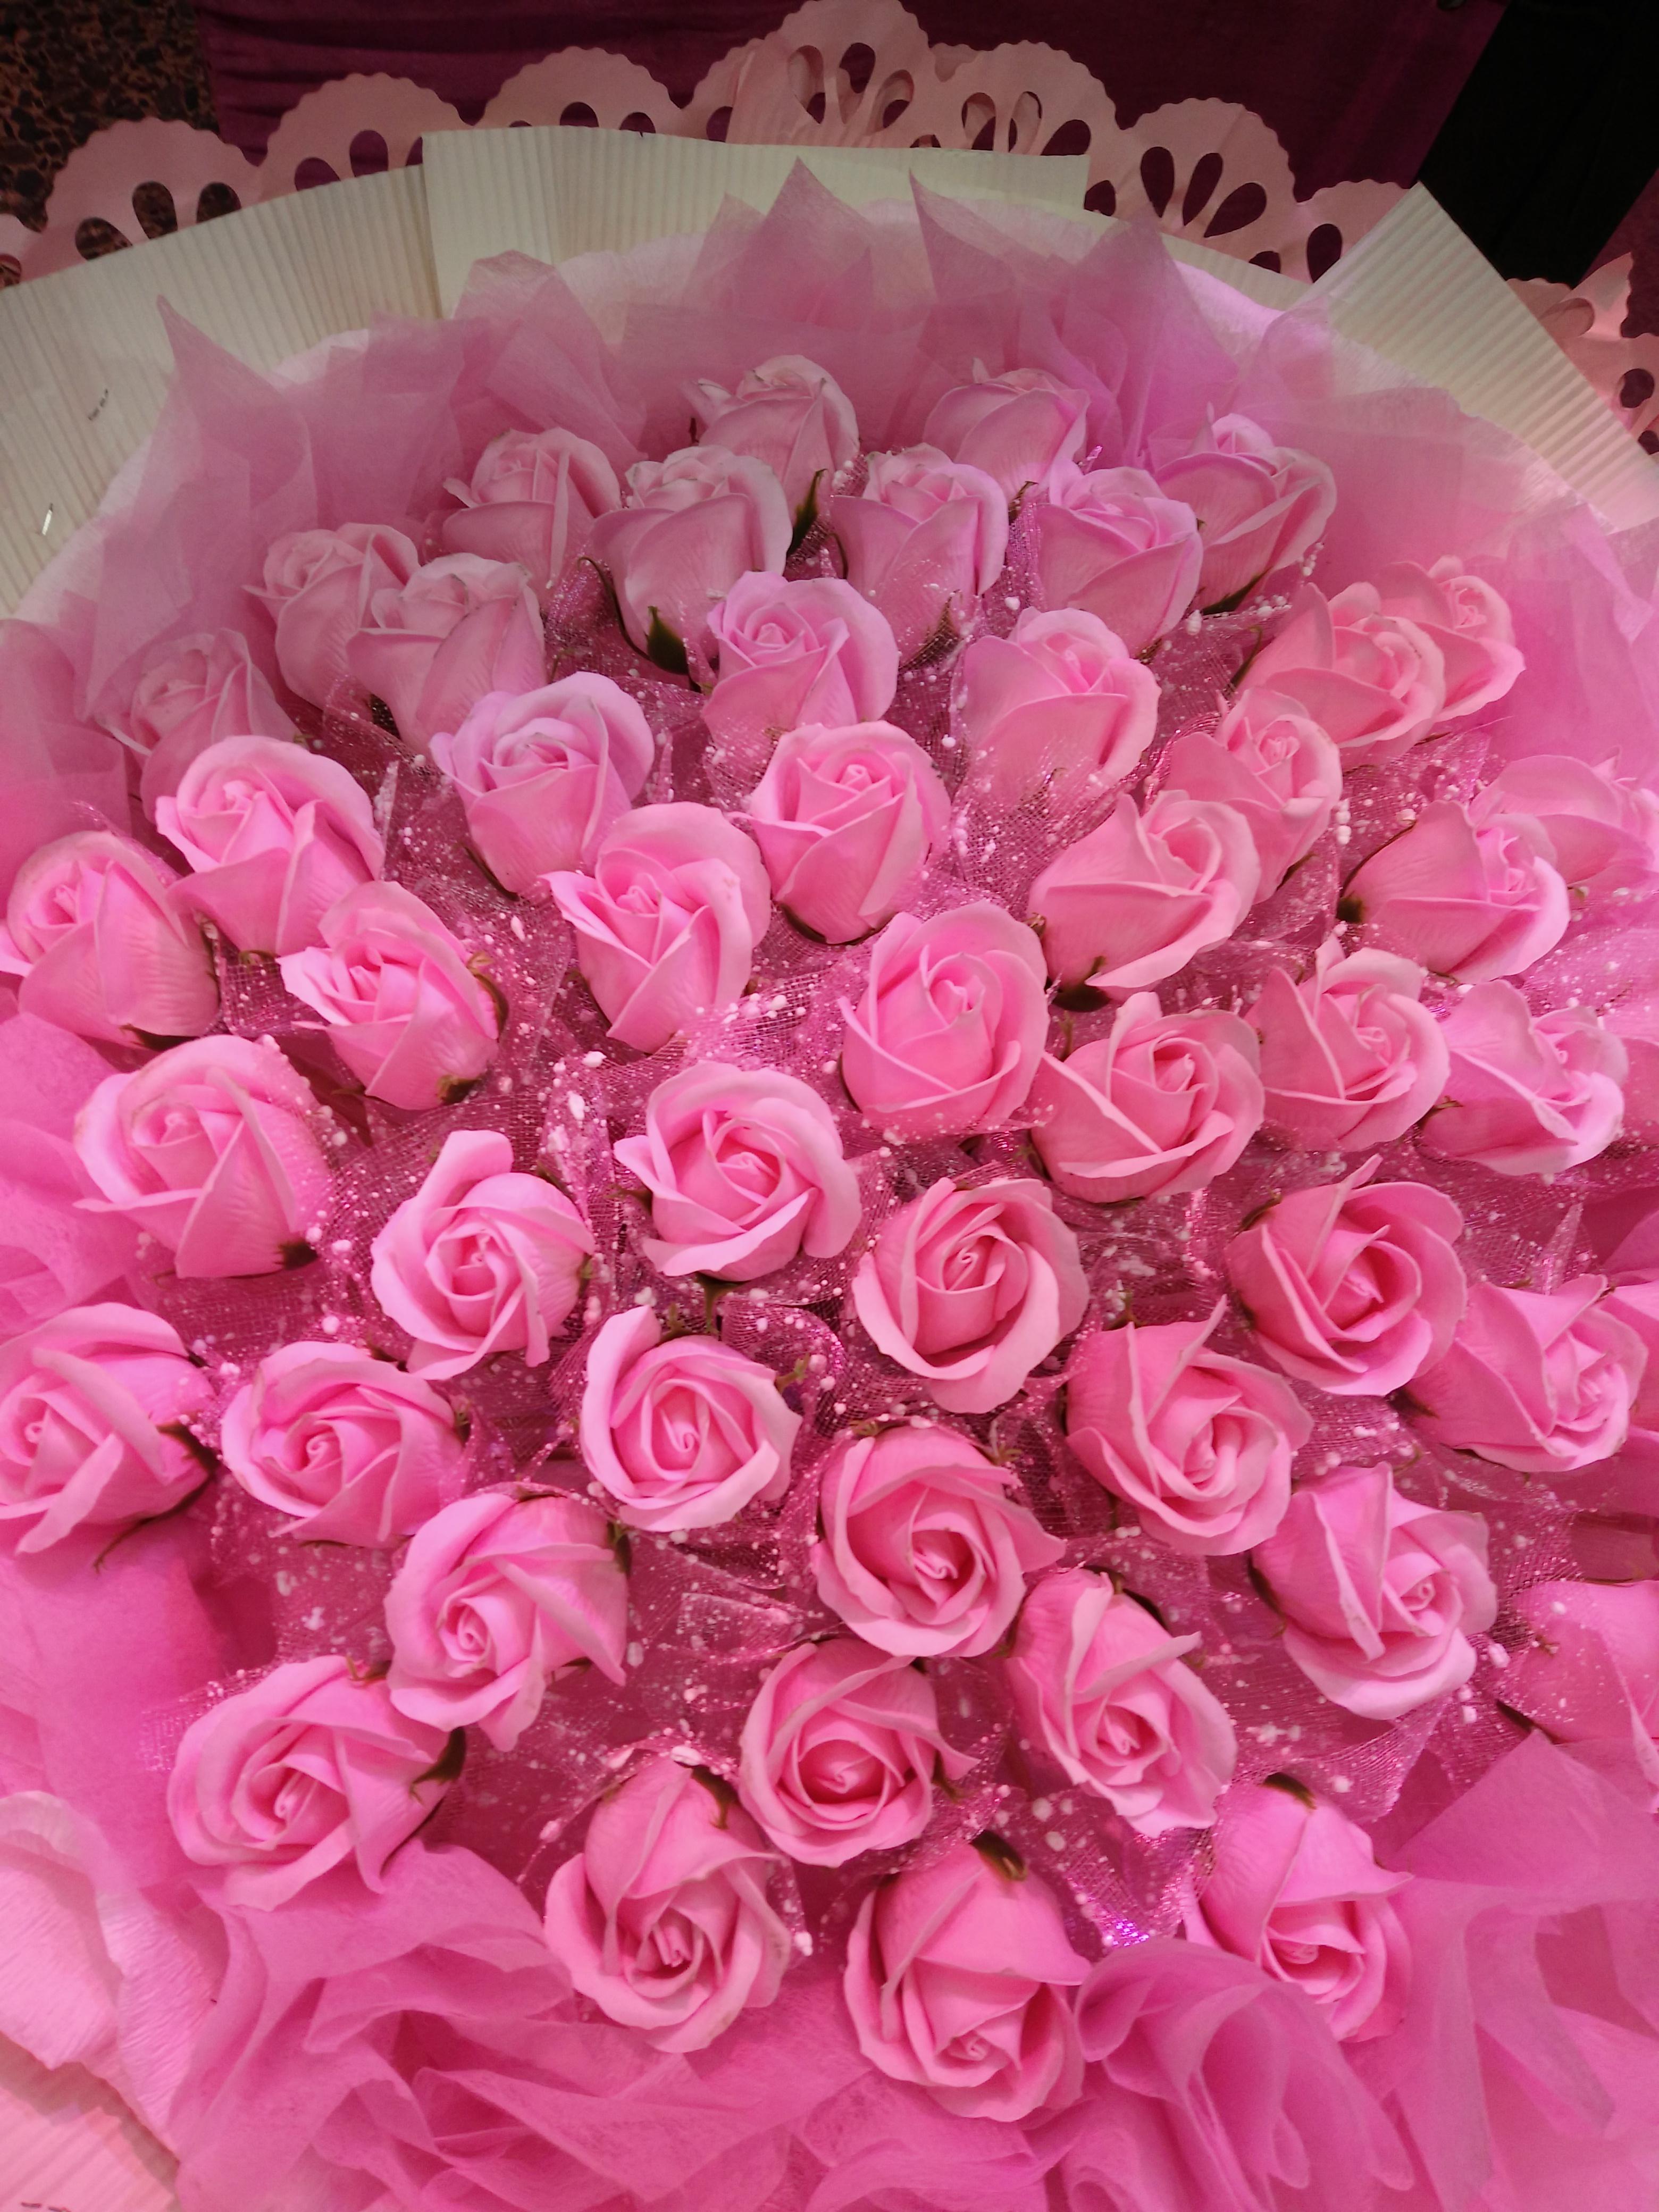 肥皂雕刻花朵图片